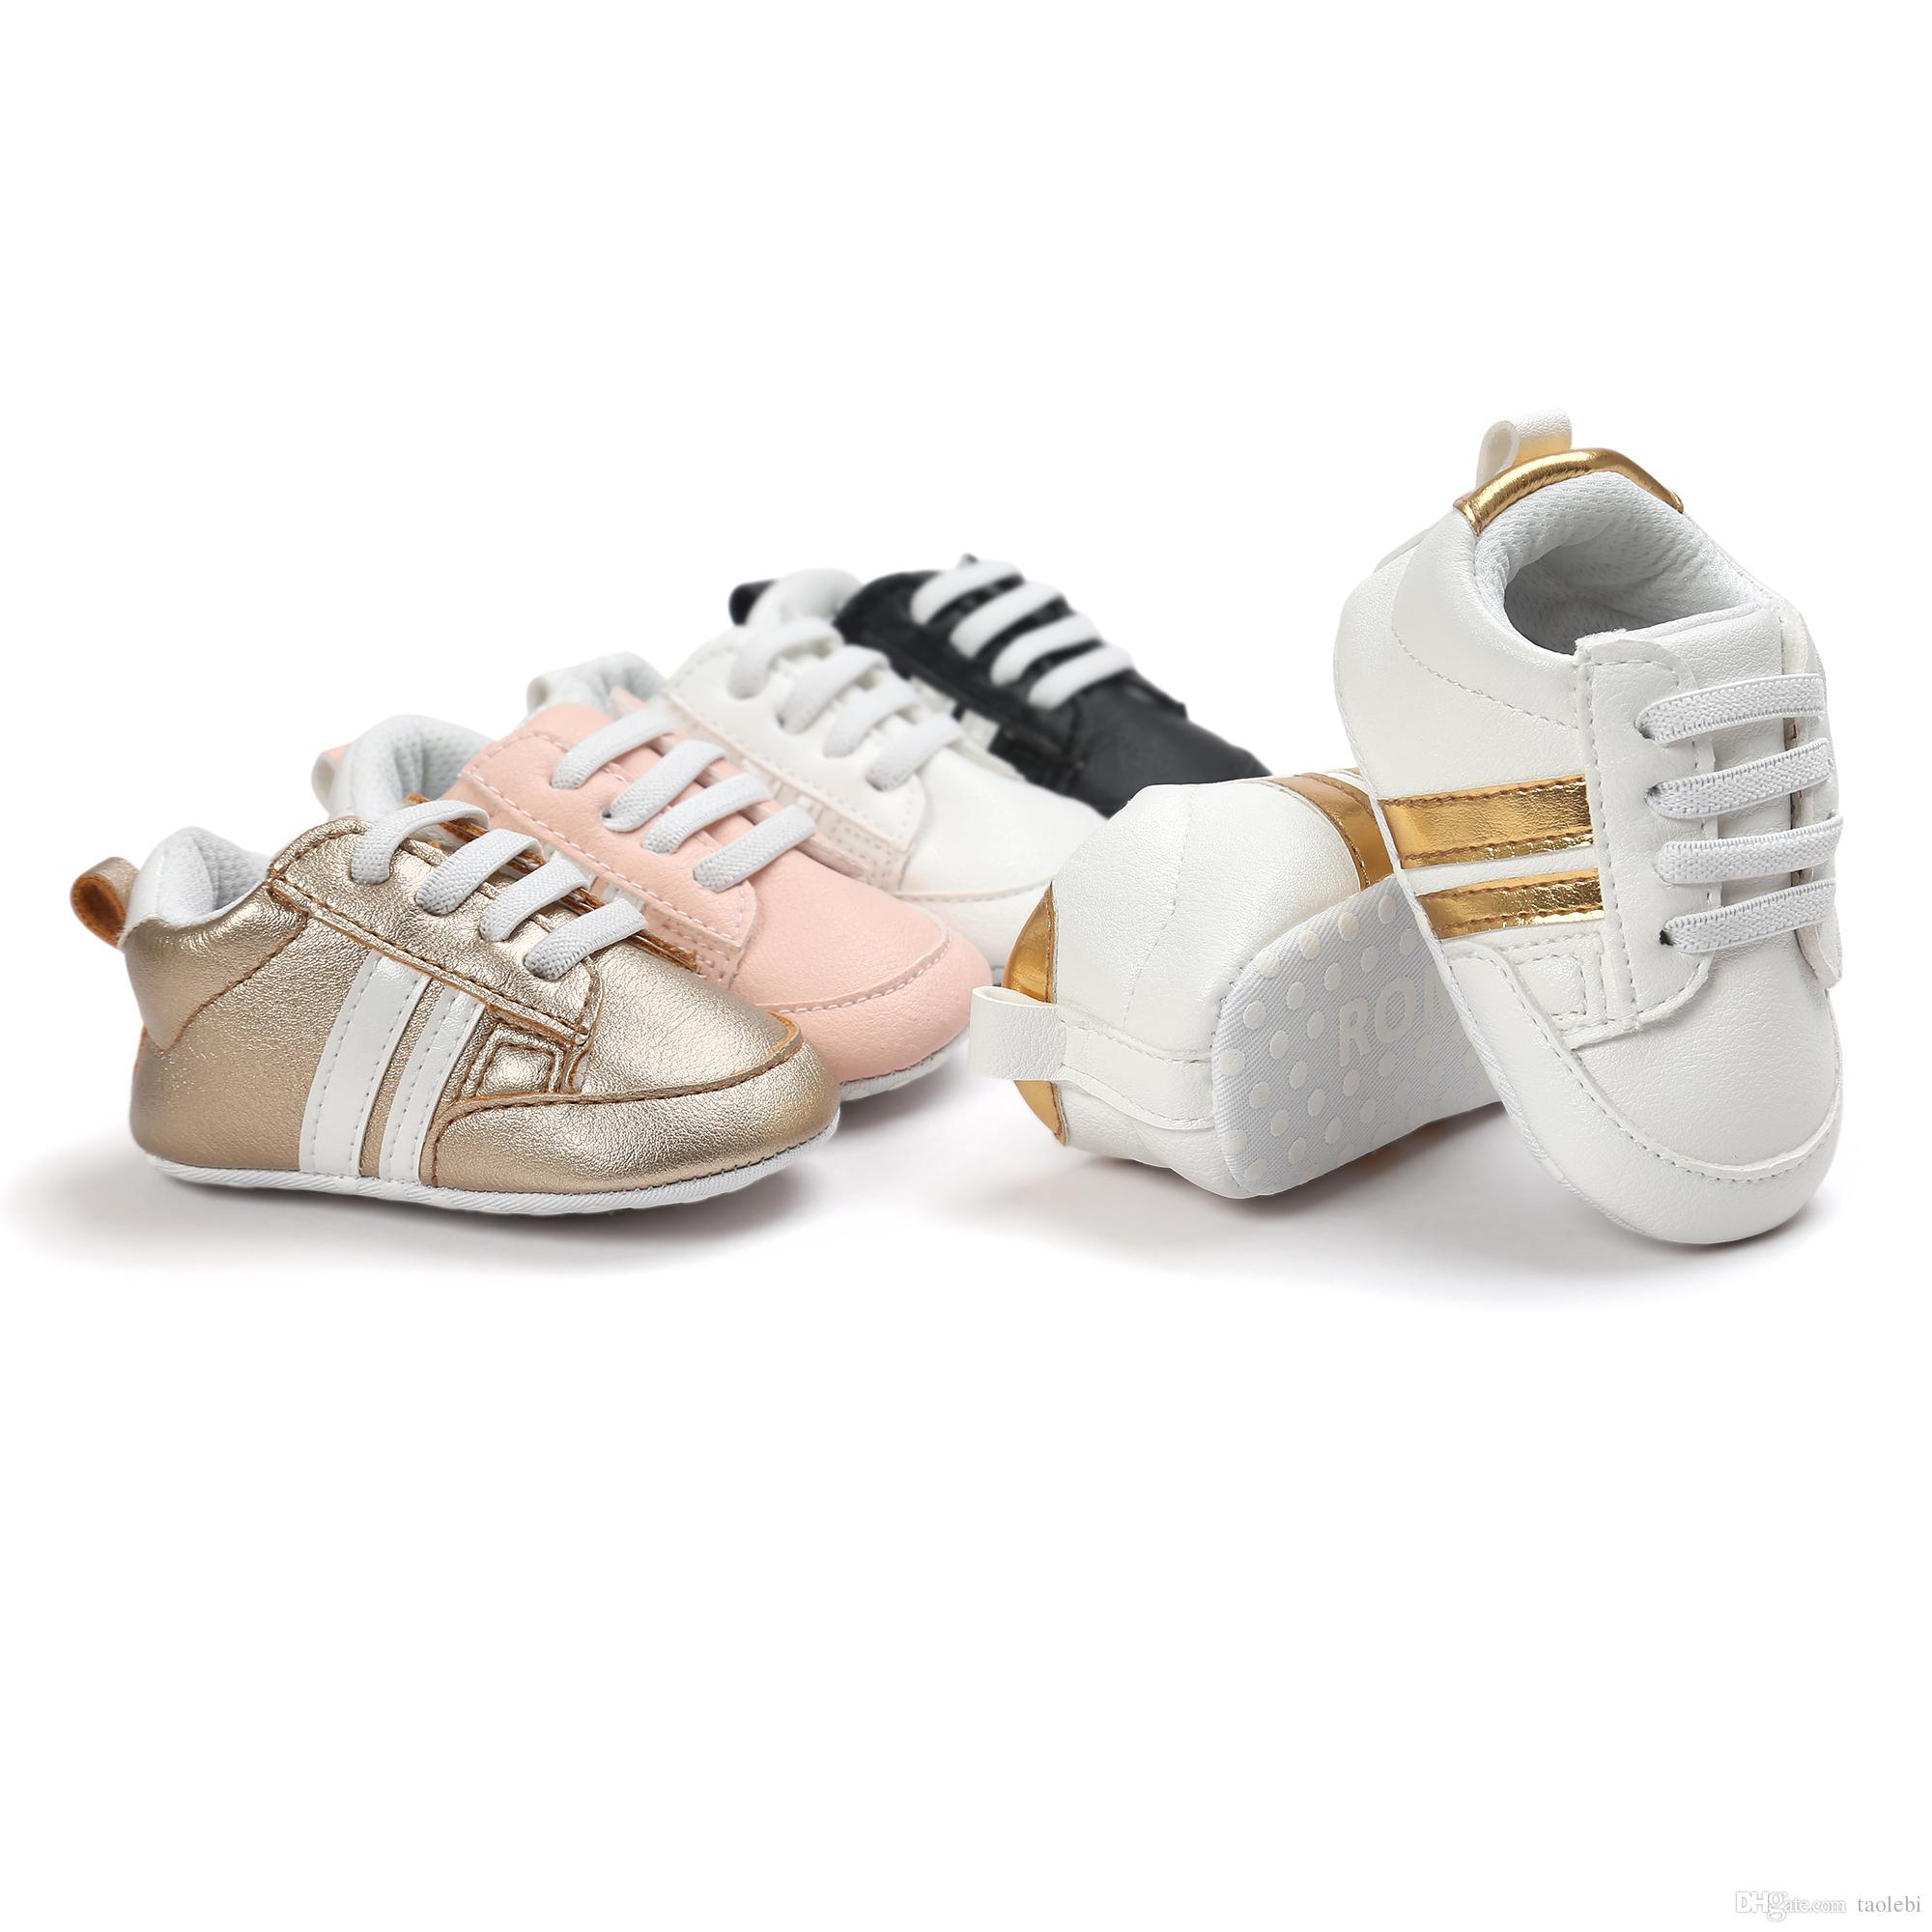 Groothandel baby meisje schoenen, 6 paren / partij, baby eerste walker schoenen, Prewalker schoenen, topkwaliteit merk schoenen, GA407